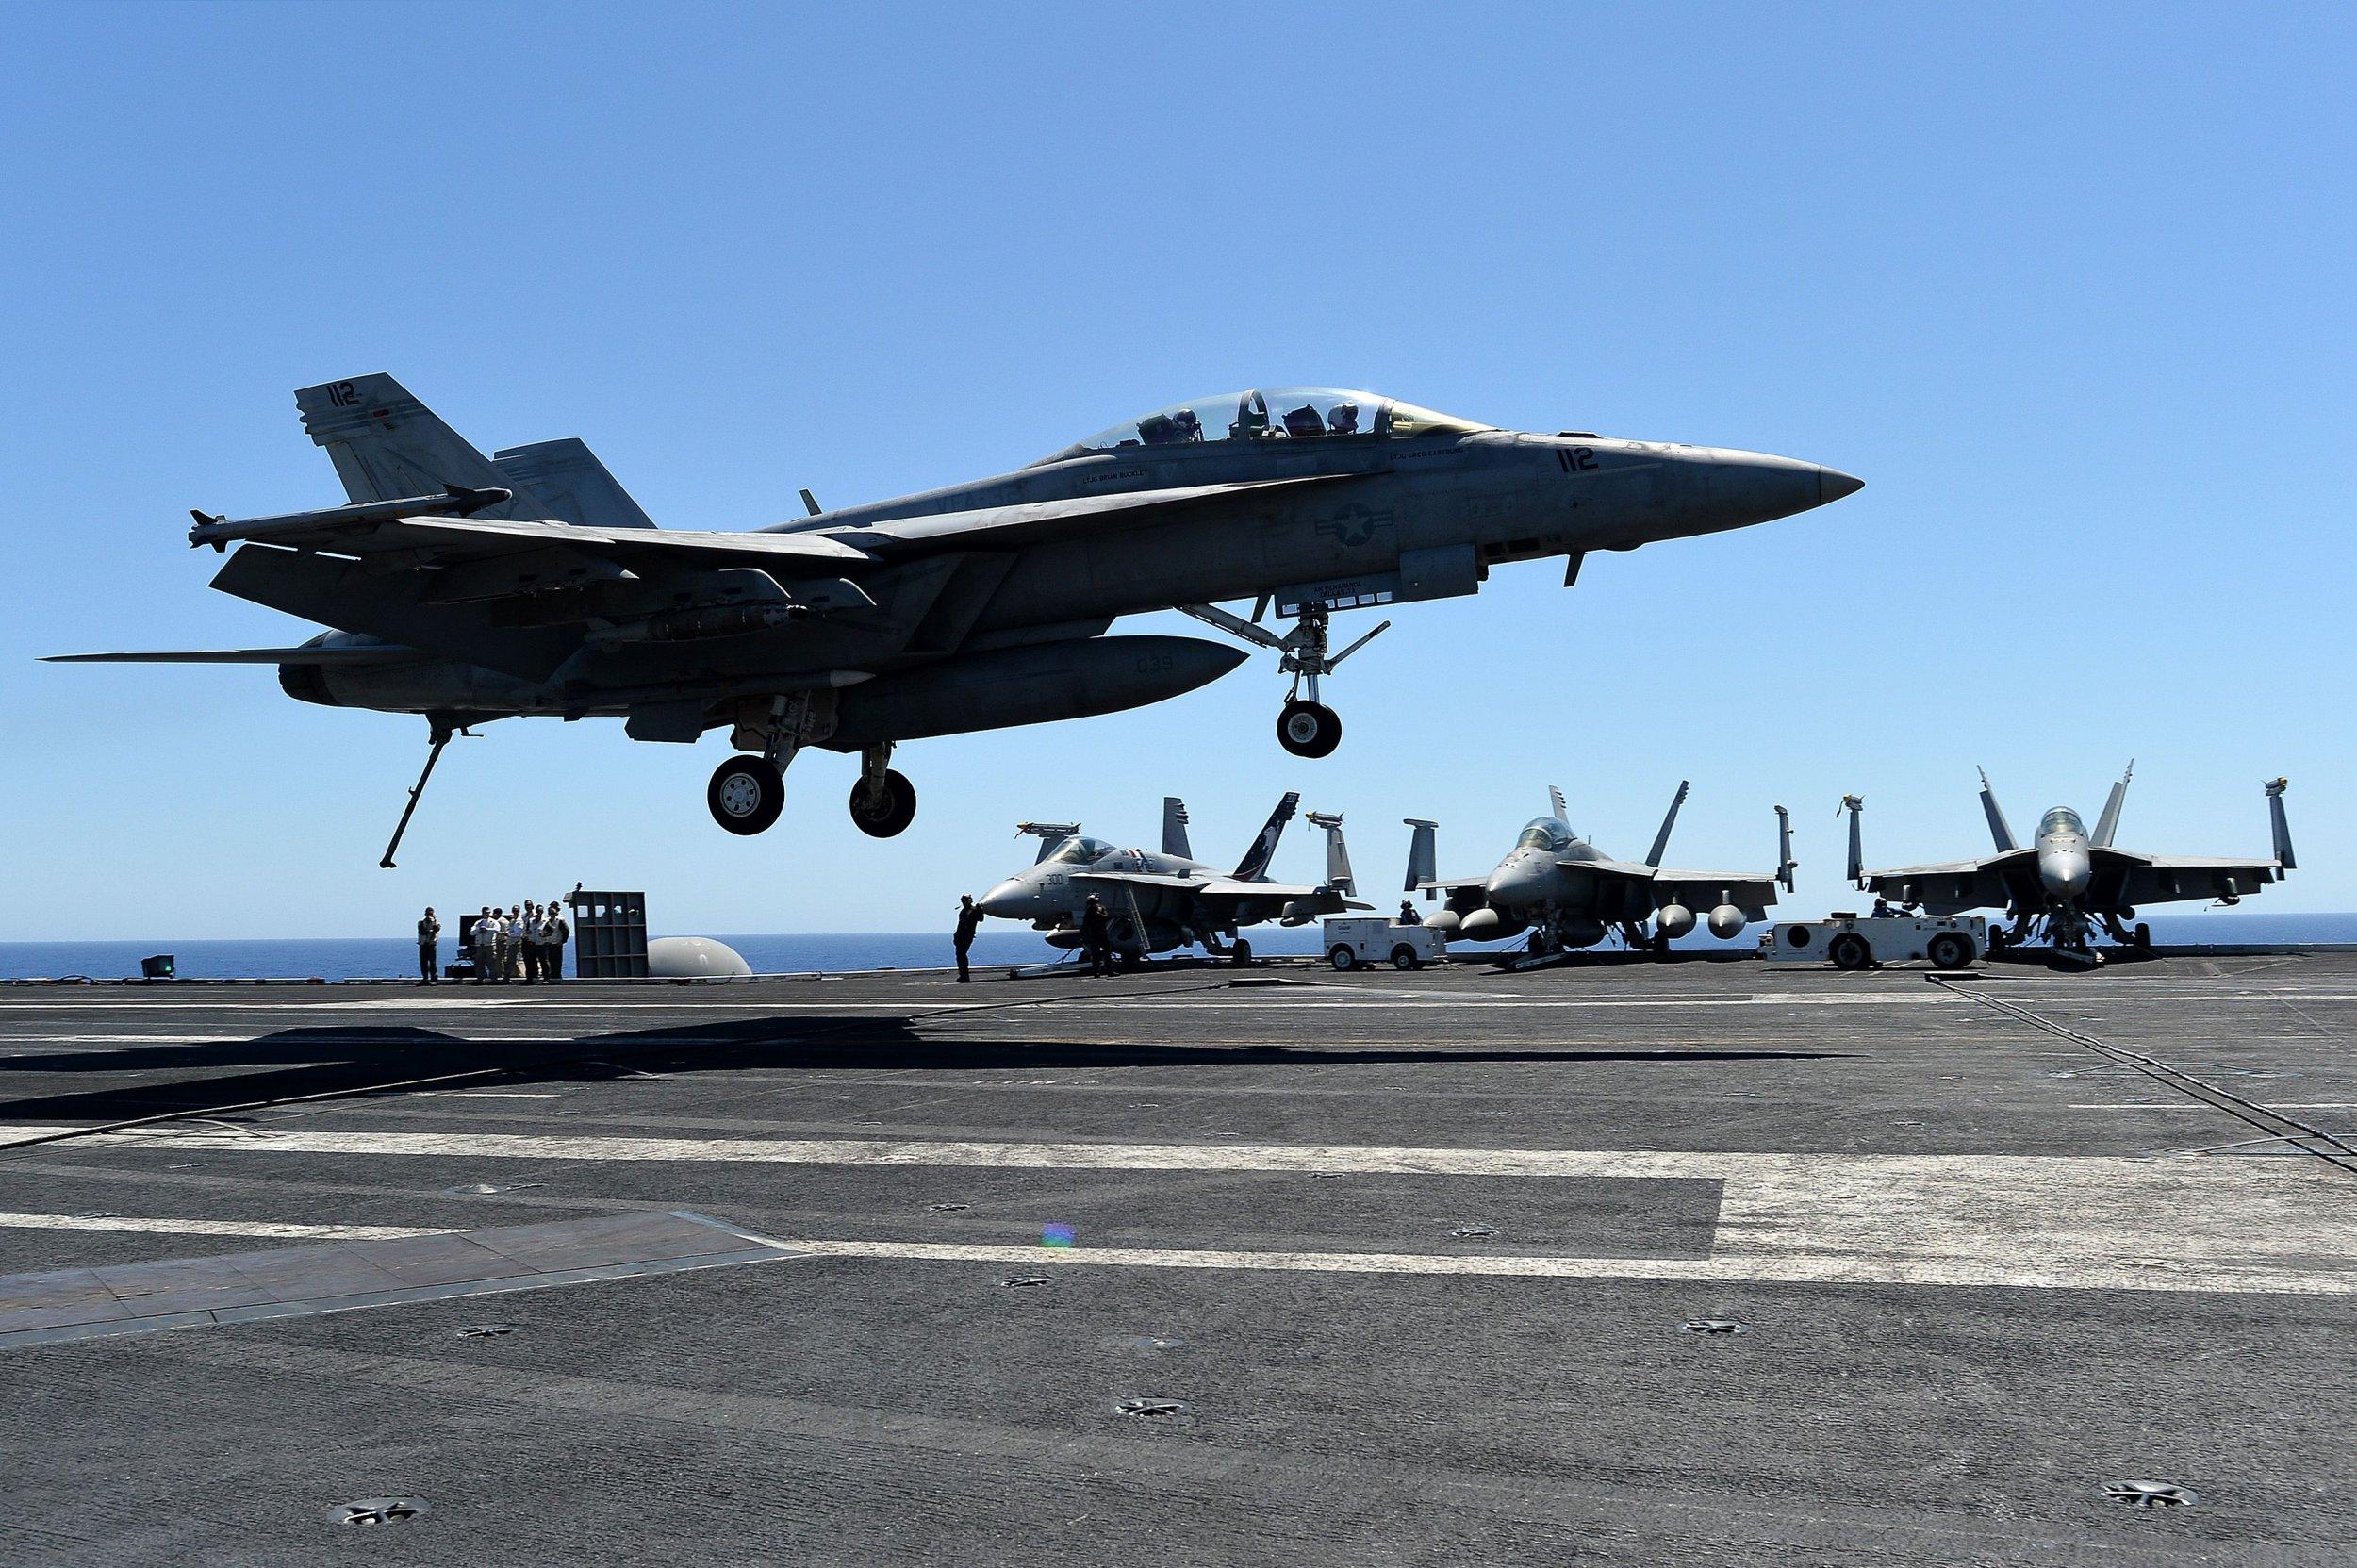 U.S. warplane